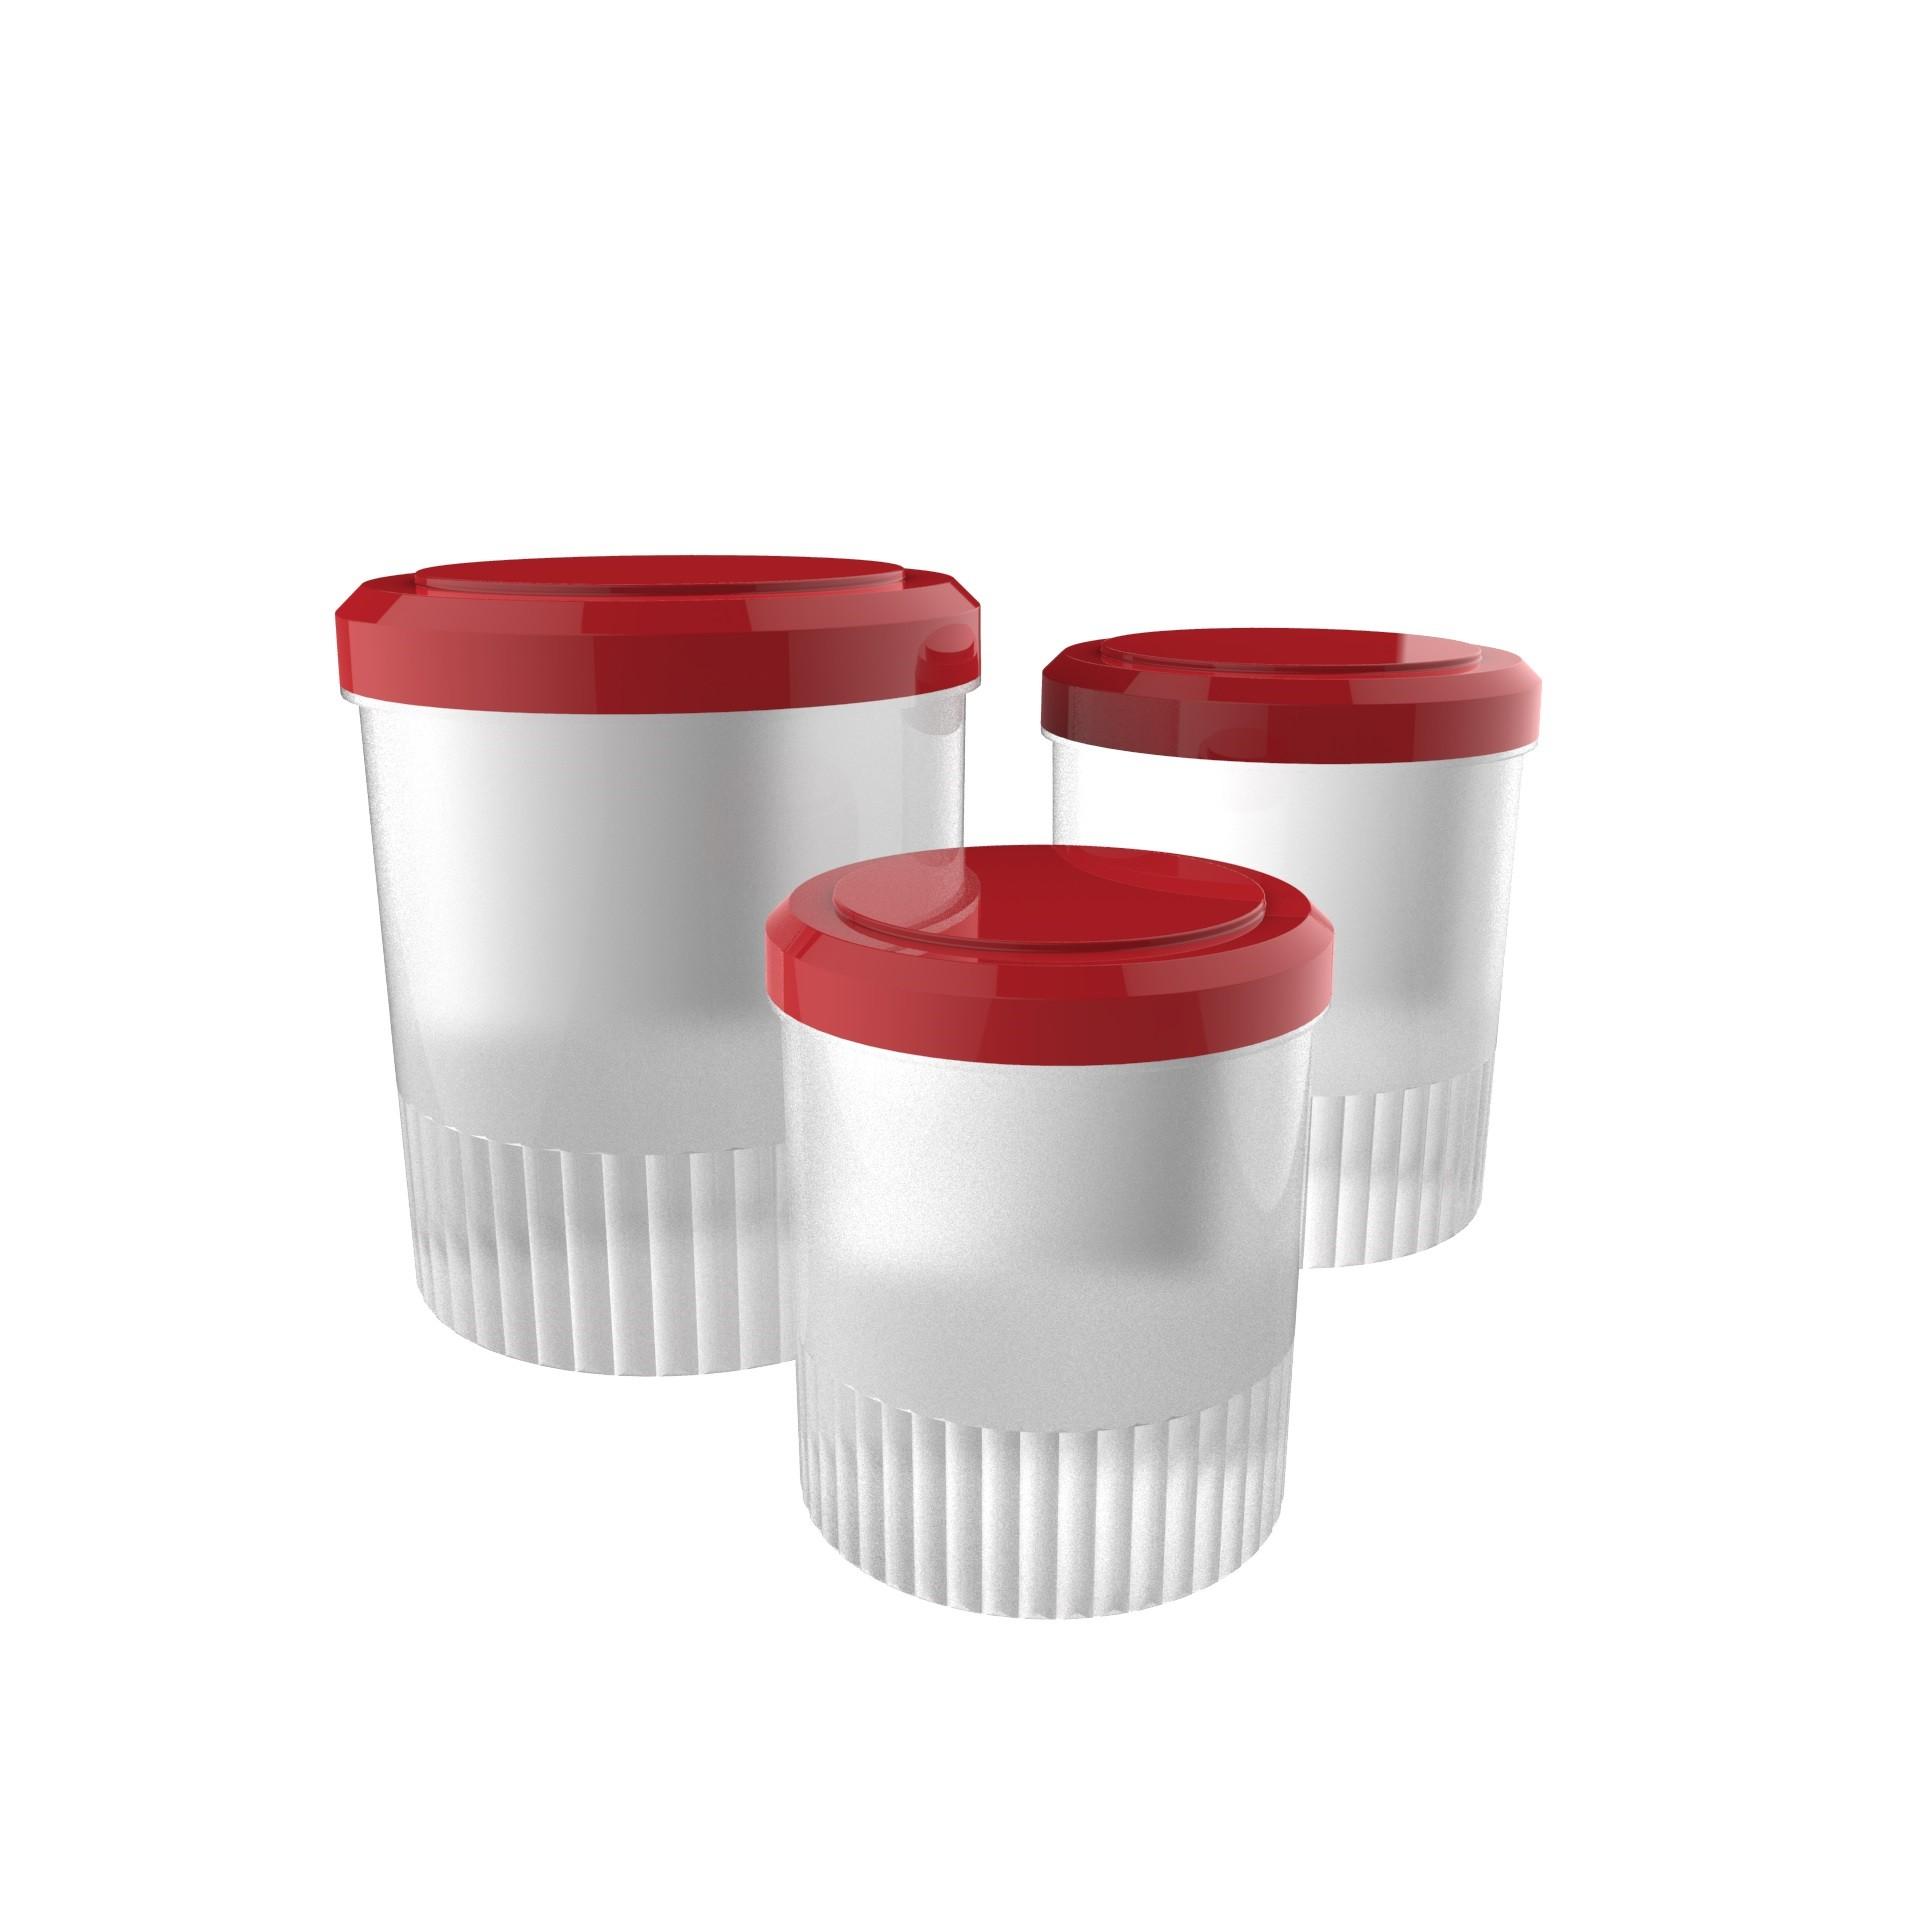 Jogo de Potes Redondo 3 Pecas Vermelho - Crippa